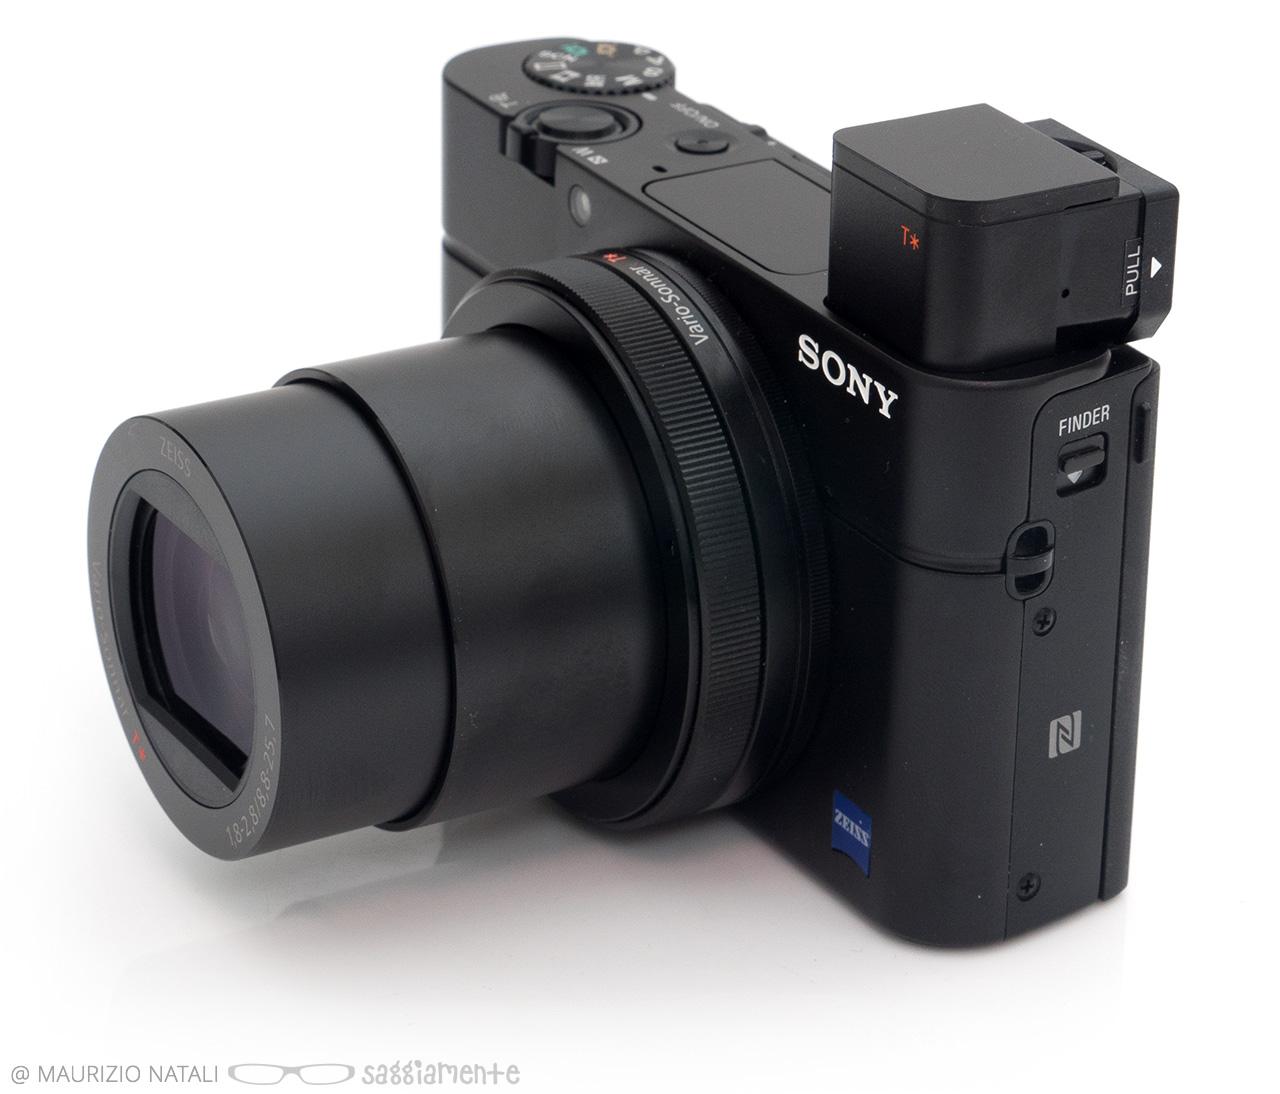 rx100m3-viewfinder-2